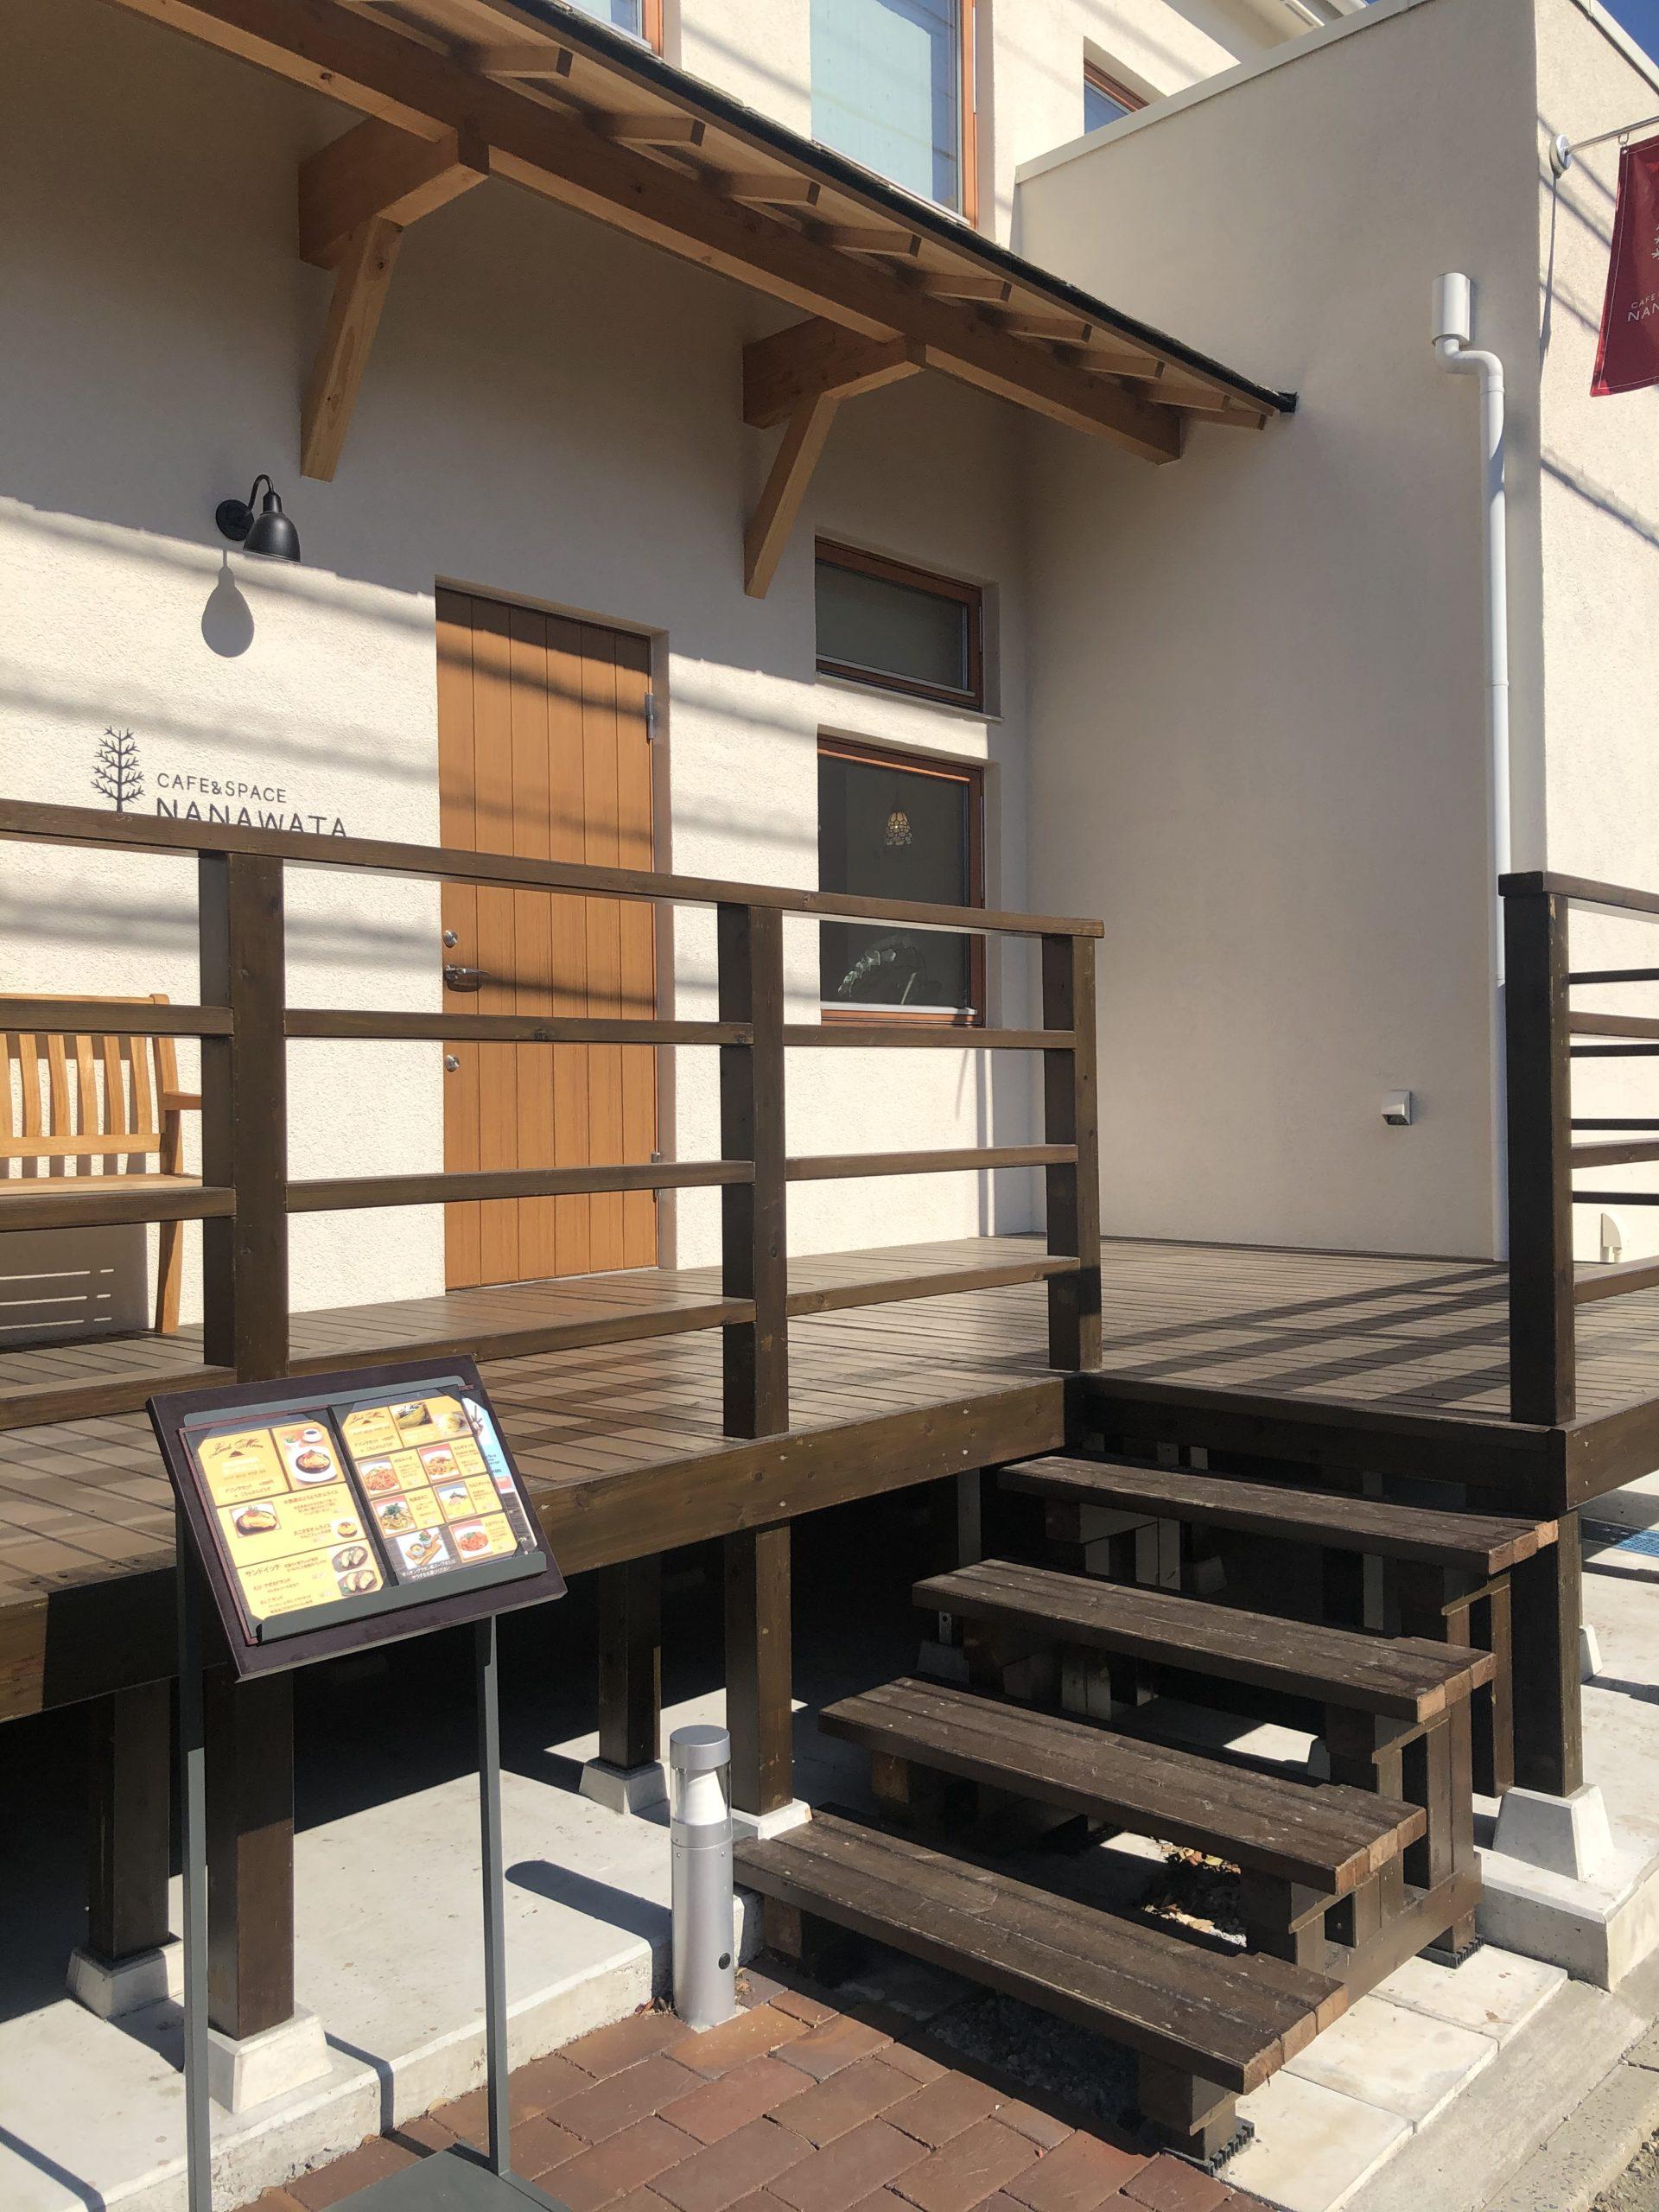 【川越】NANAWATA(ななわた)カフェでランチを食べてきました!こどもにも優しいカフェでした